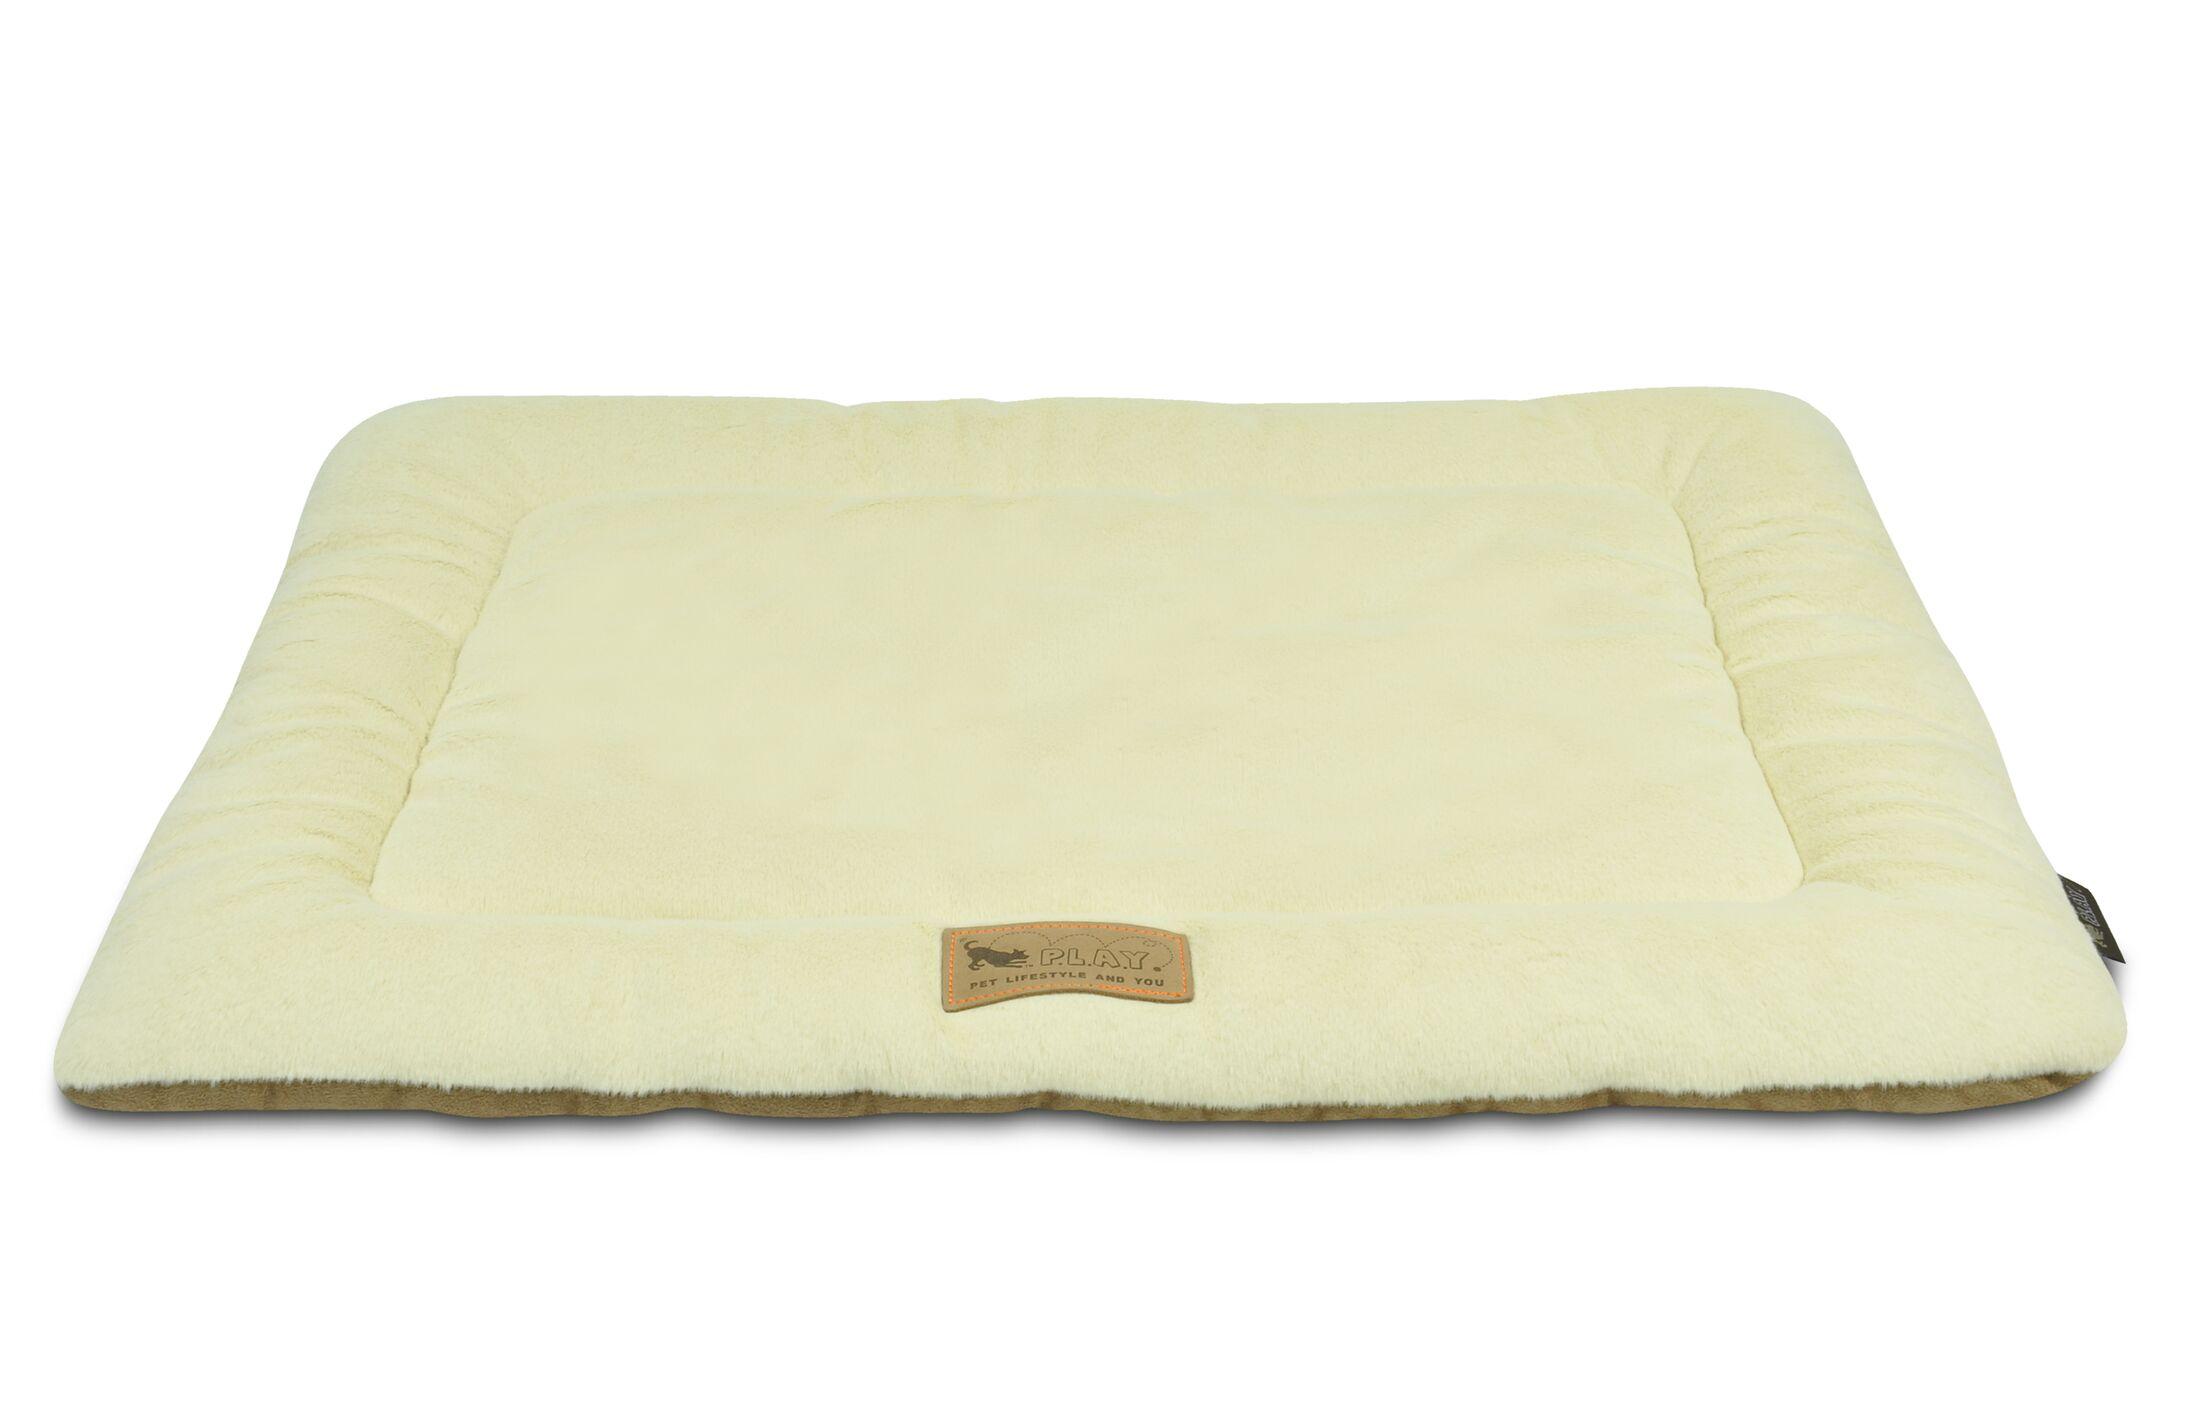 Chill Dog Pad Size: Medium (30